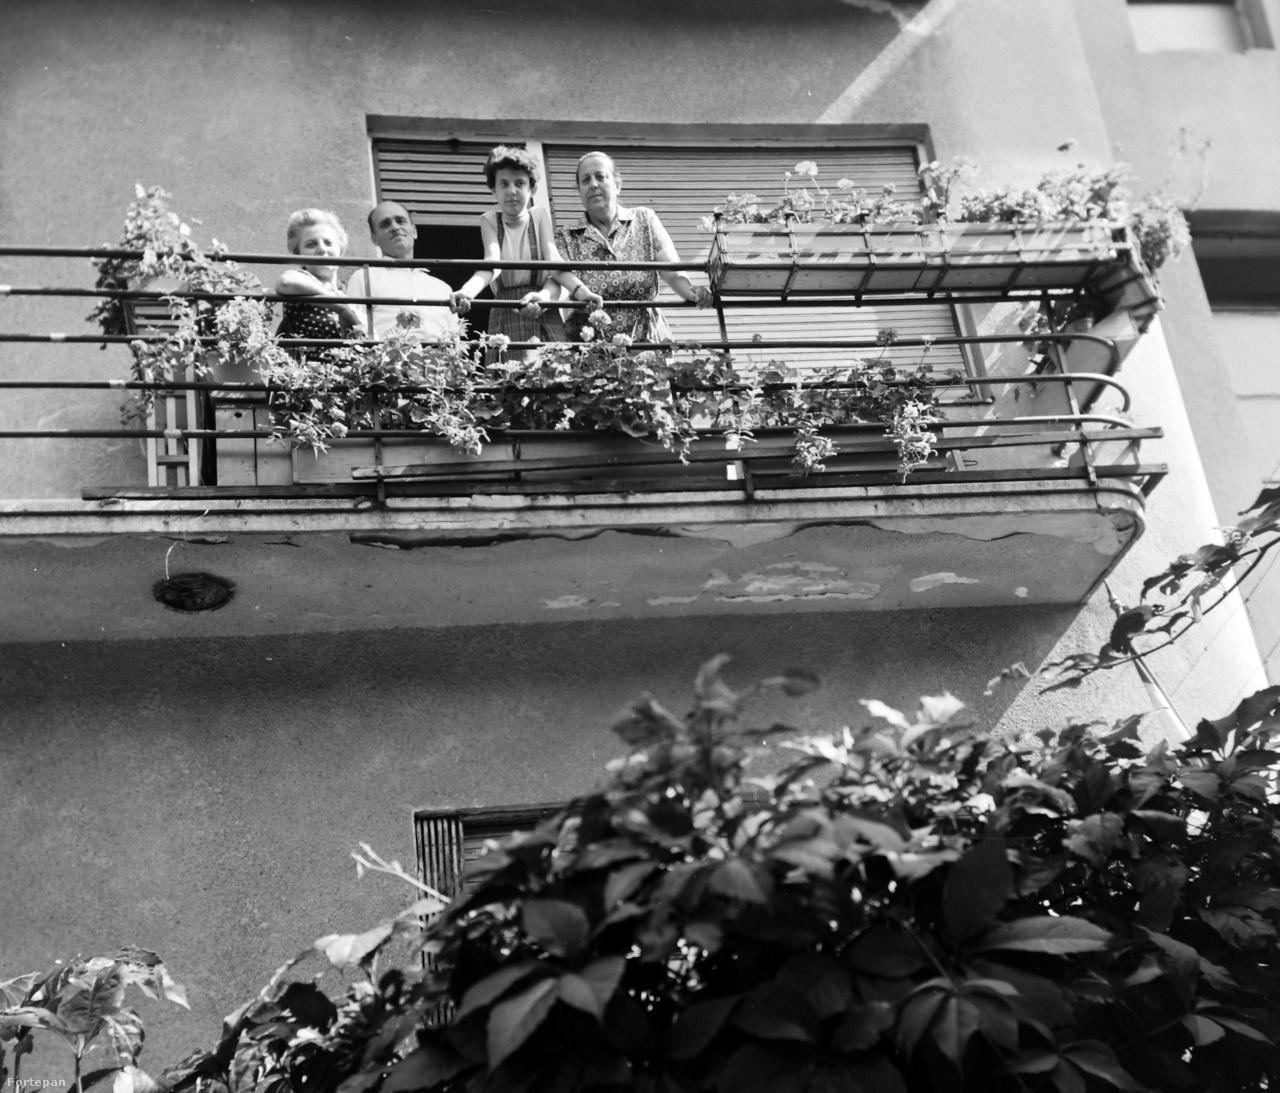 A terasszal szemben az erkély a levegőben lóg. Ha megnyílna alattunk, akkor nem egy szobába pottyannánk, hanem a kertbe vagy az utcára. Esetleg az alattunk levő erkélyre. Az erkély mindig kilóg a ház homlokzatából, mint ahogy ezen az 1963-as fotón is látszik a budapesti Hollósy Simon utcában.